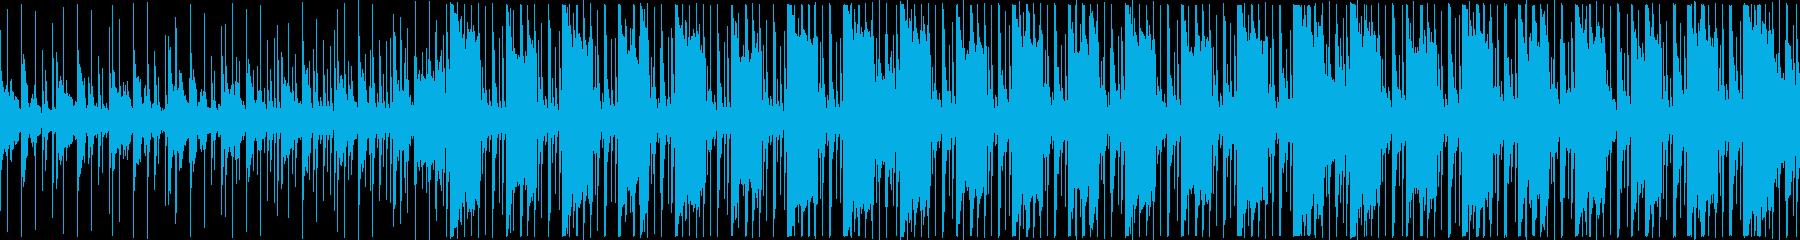 少し機械的な淡々とした/企業VP系06rの再生済みの波形